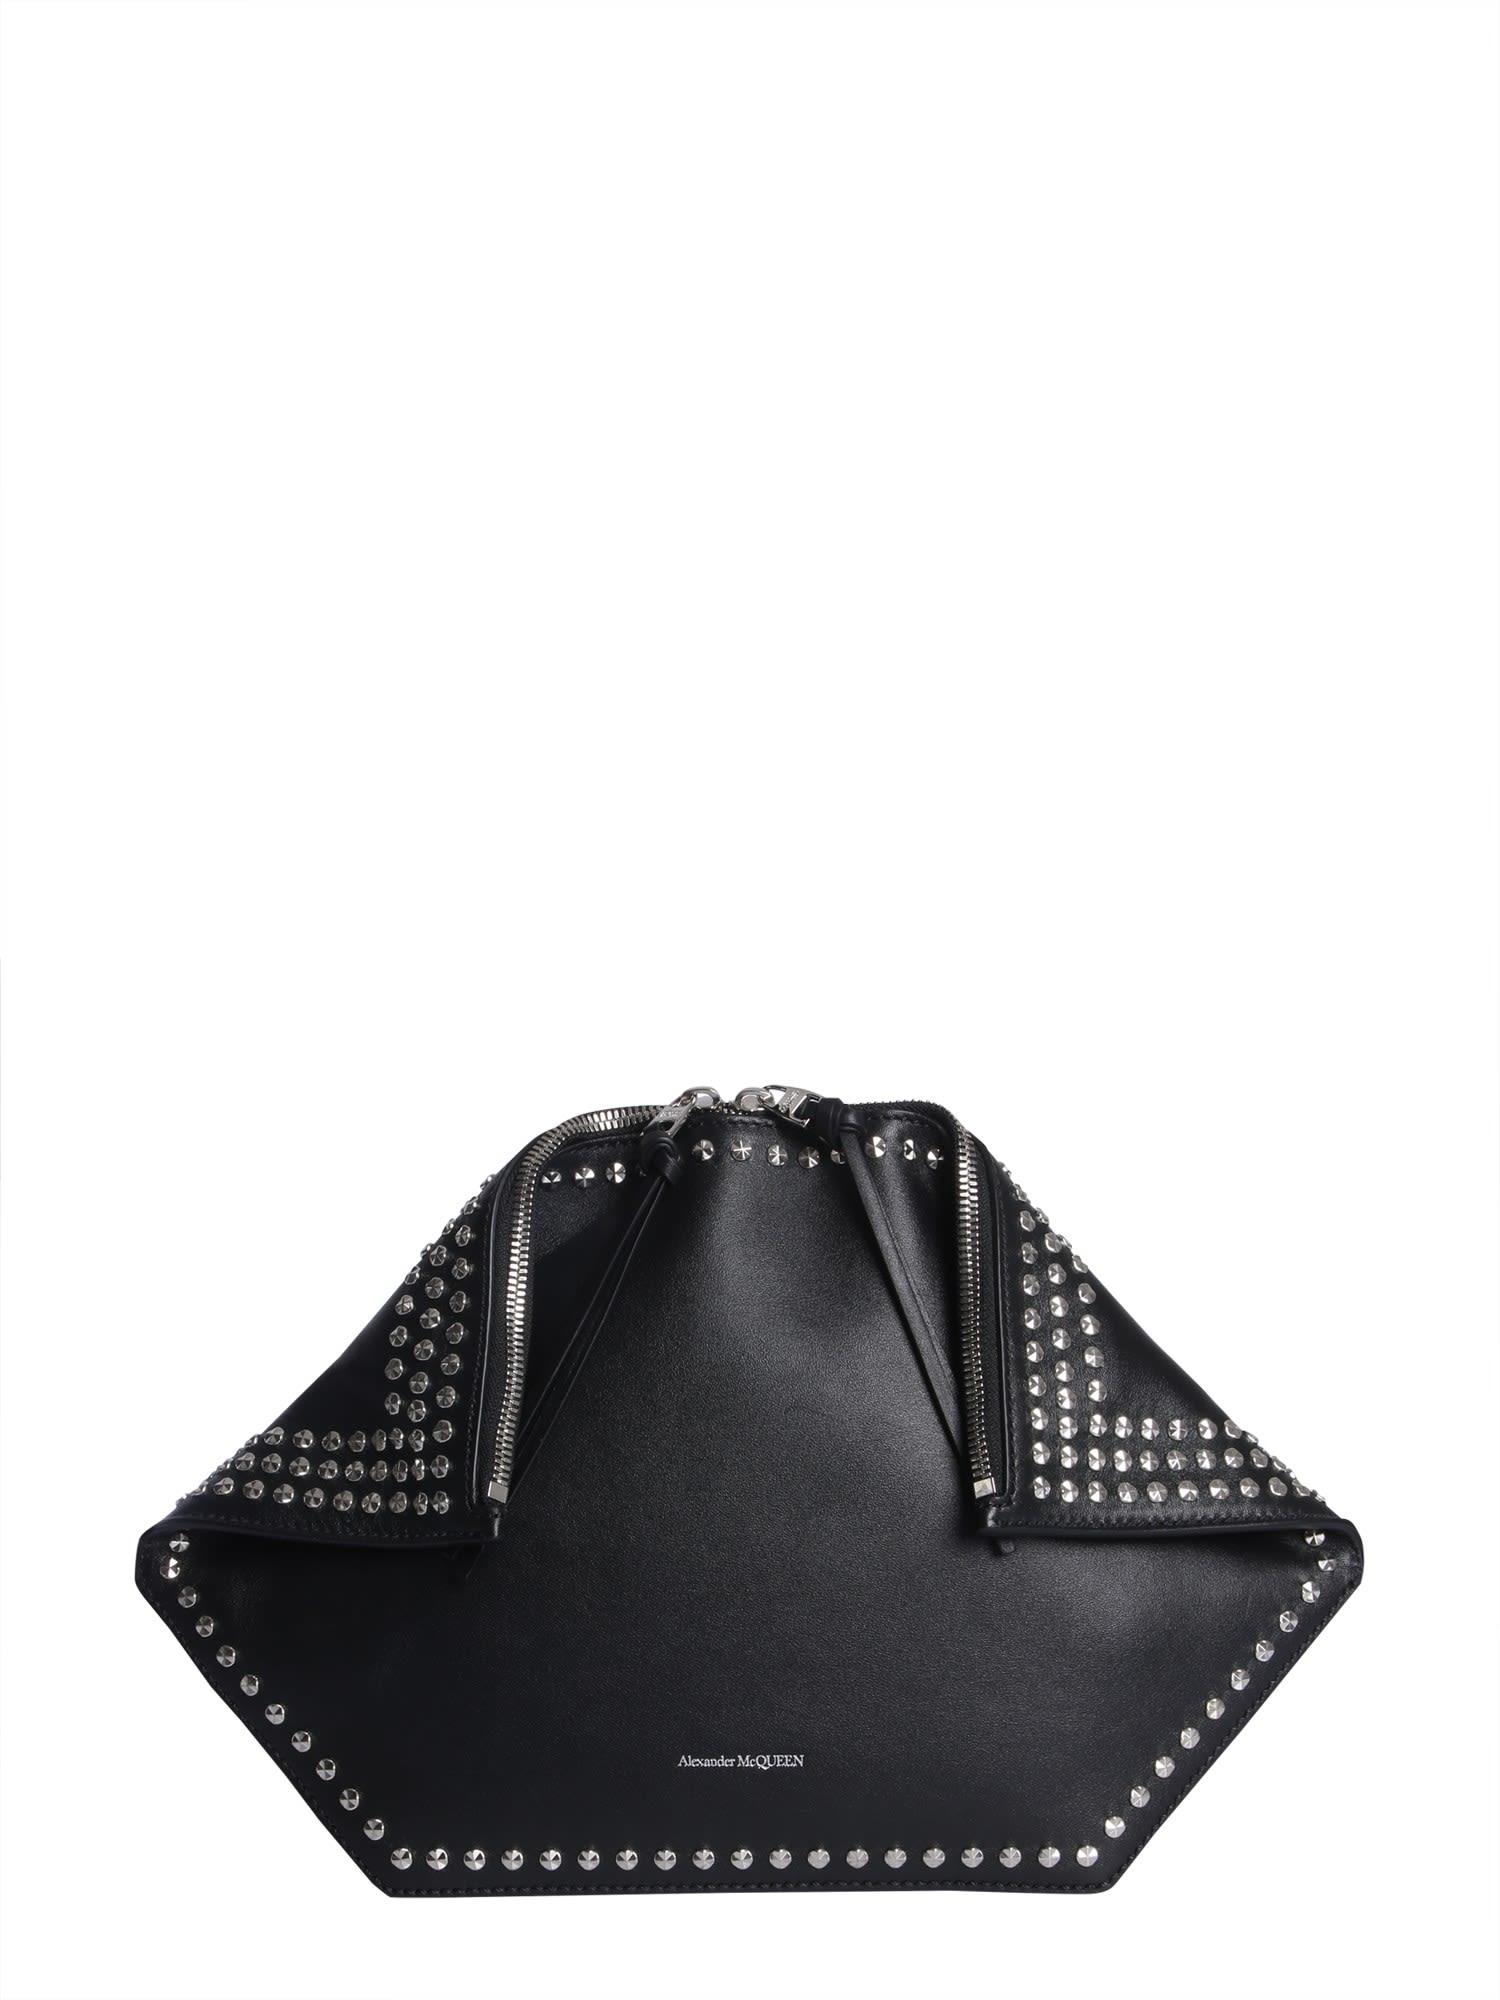 Alexander McQueen Butterfly Bag